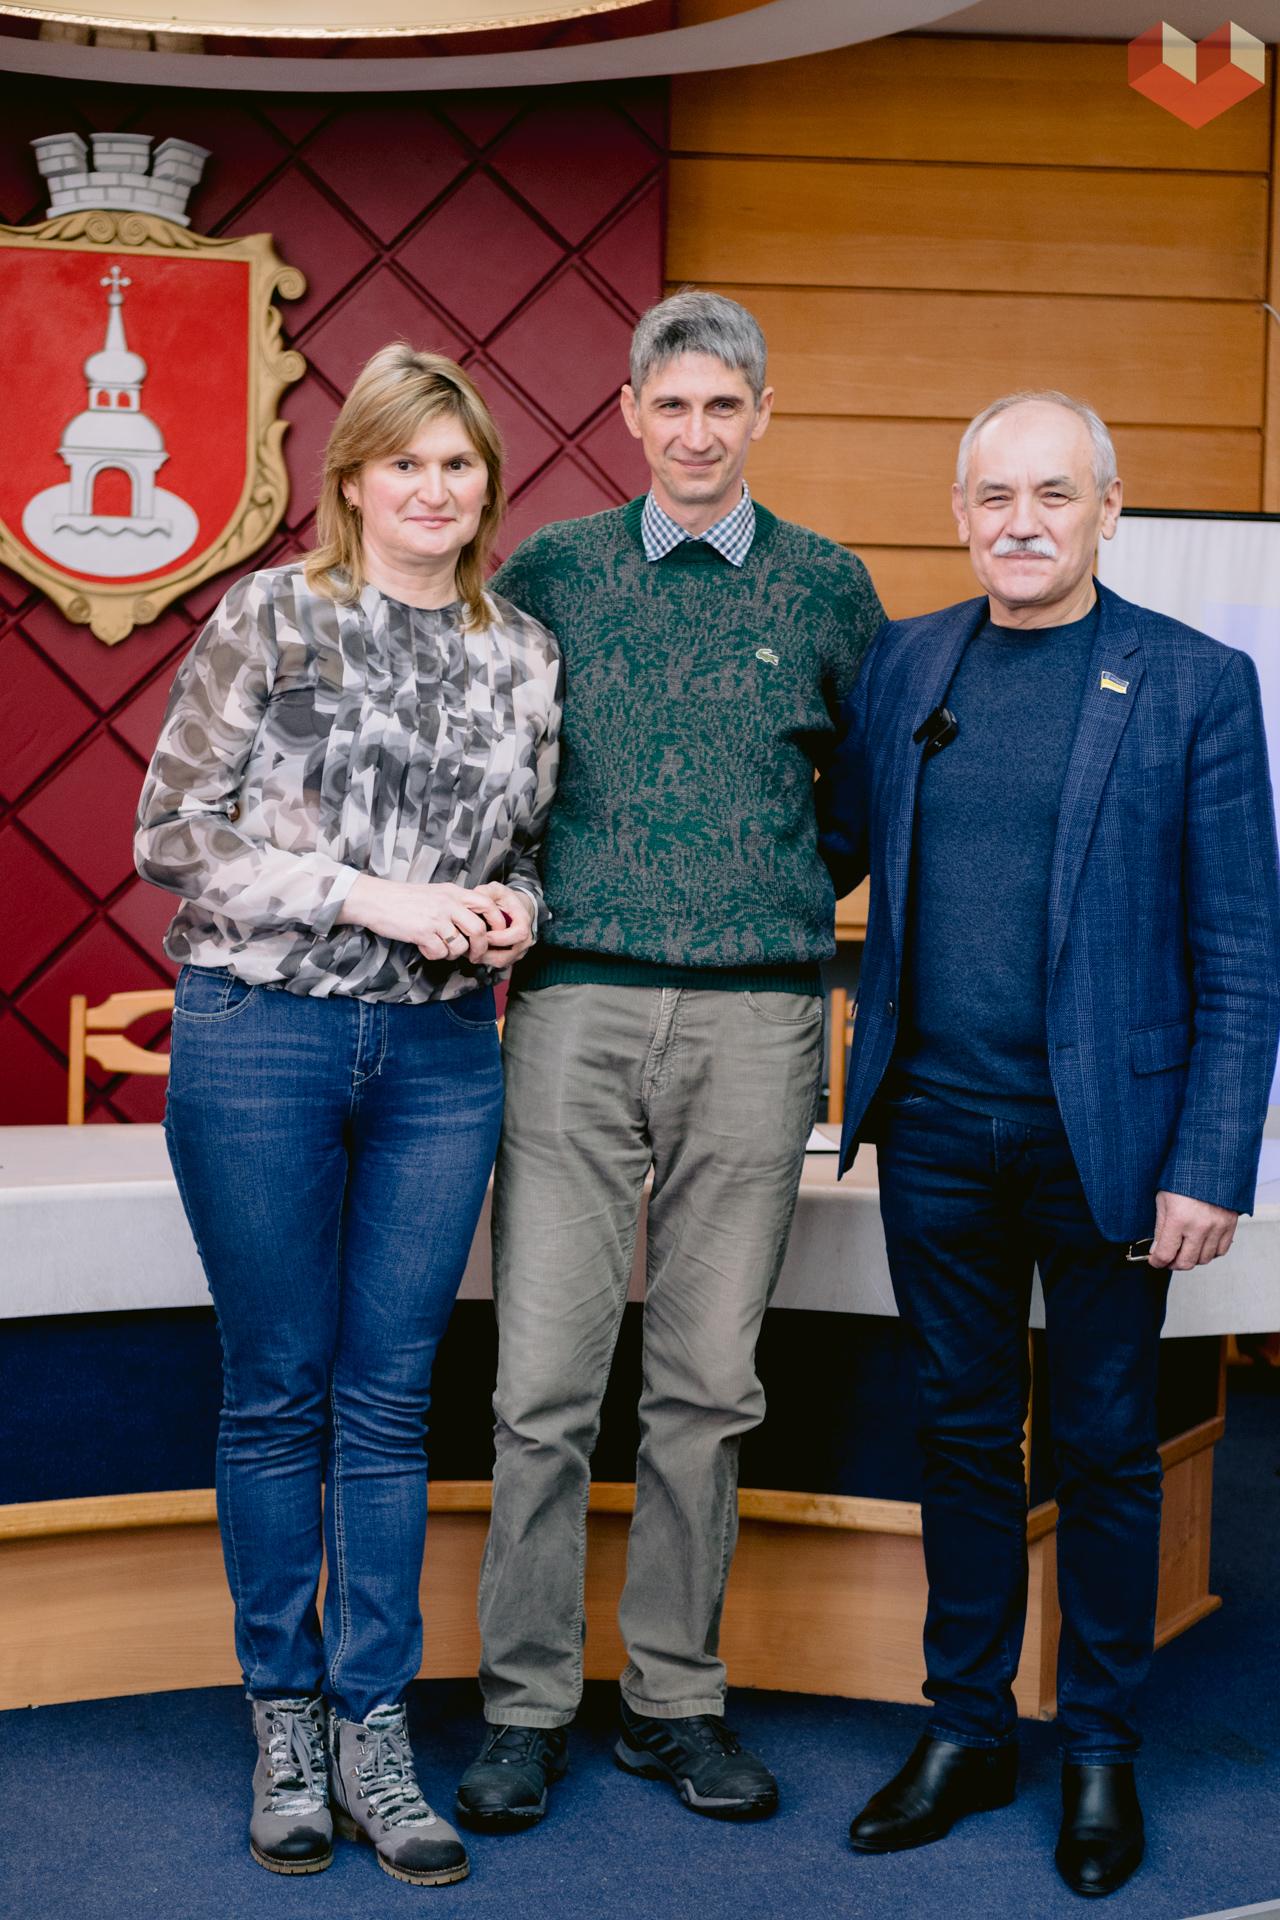 Жінка з Переяслава отримала звання «Мати-героїня» - Переяслав, мати-героїня, звання - Photo 0003